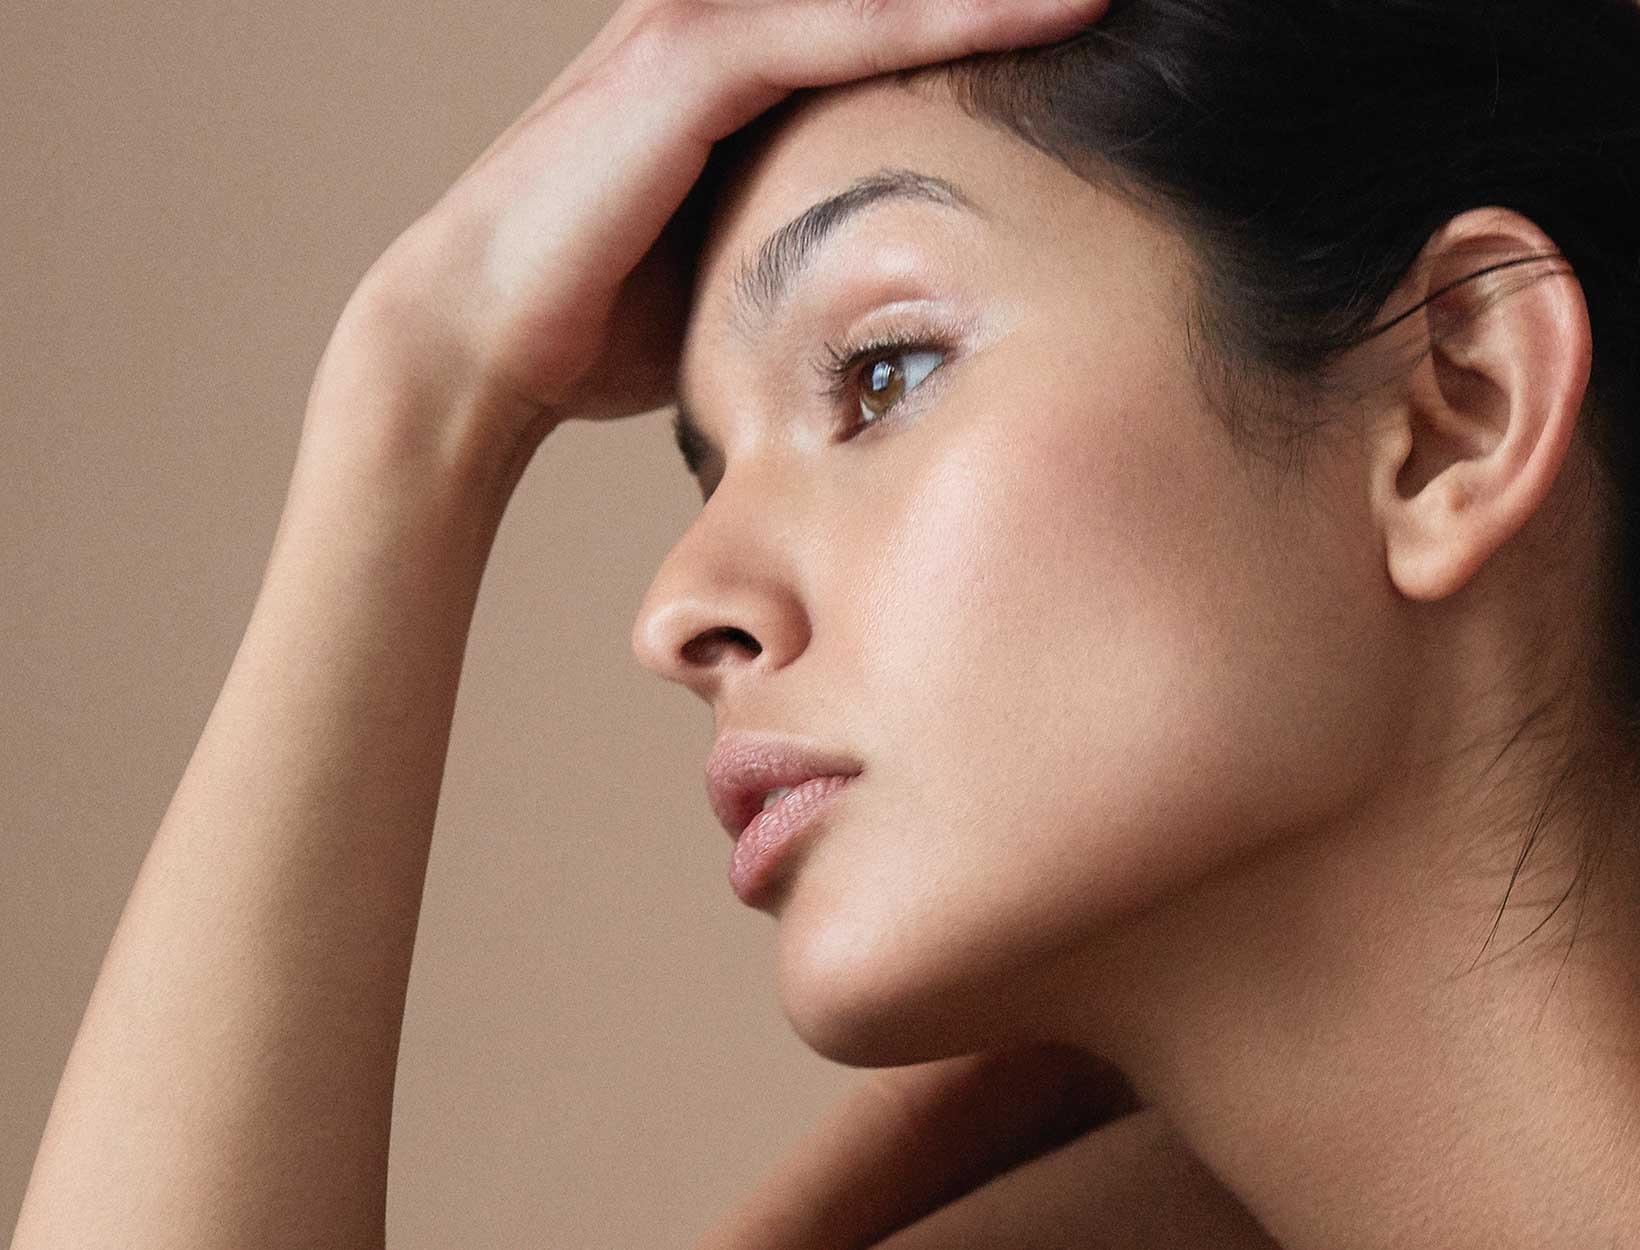 چگونه باید از پوست قبل و بعد از عمل با دستگاه لیزر محافظت کرد؟